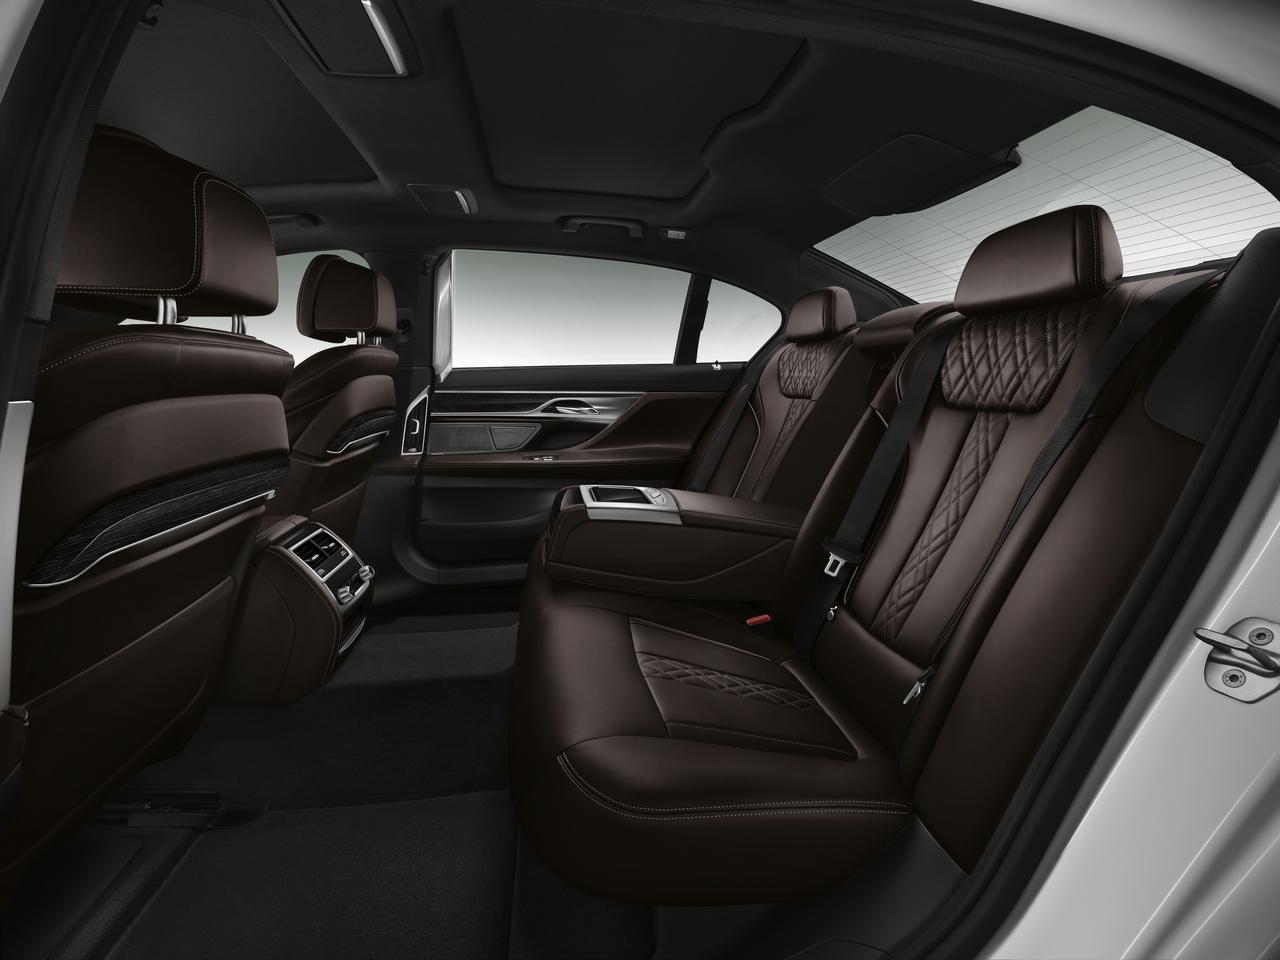 BMW-Serie-7-abitacolo-cockpit-prezzo-price-0-100_11